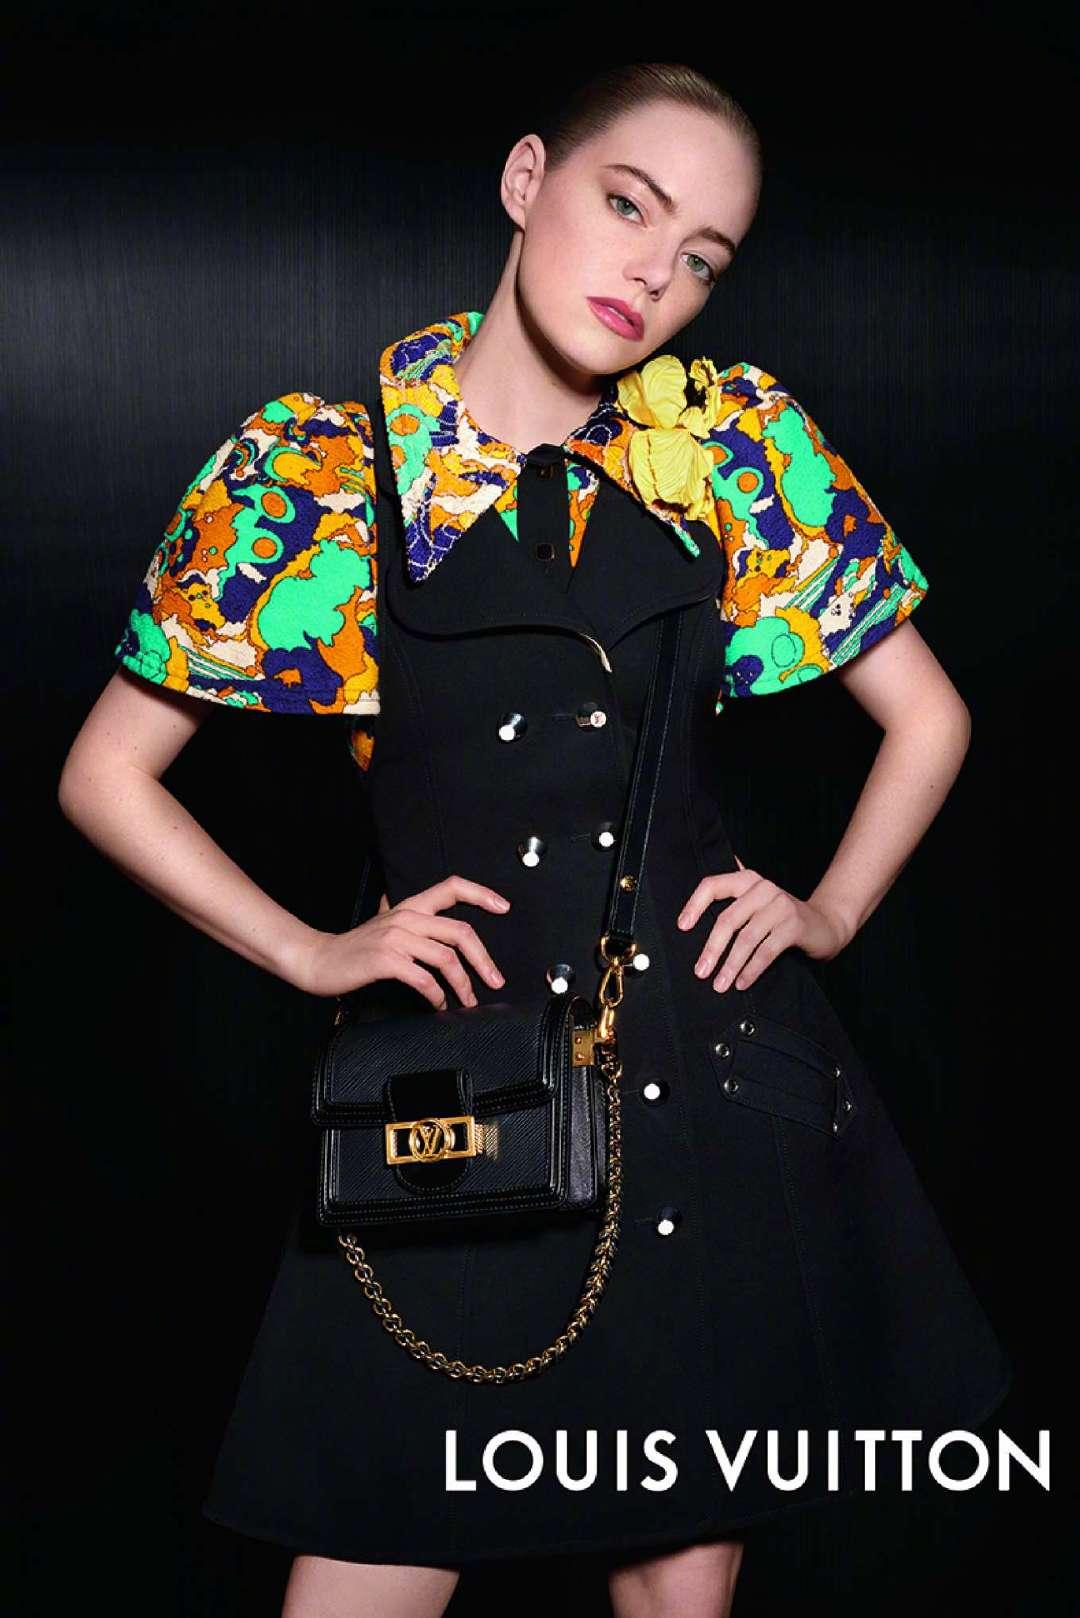 艾玛·斯通Emma Stone——路易威登Louis Vuitton2020春季广告大片。